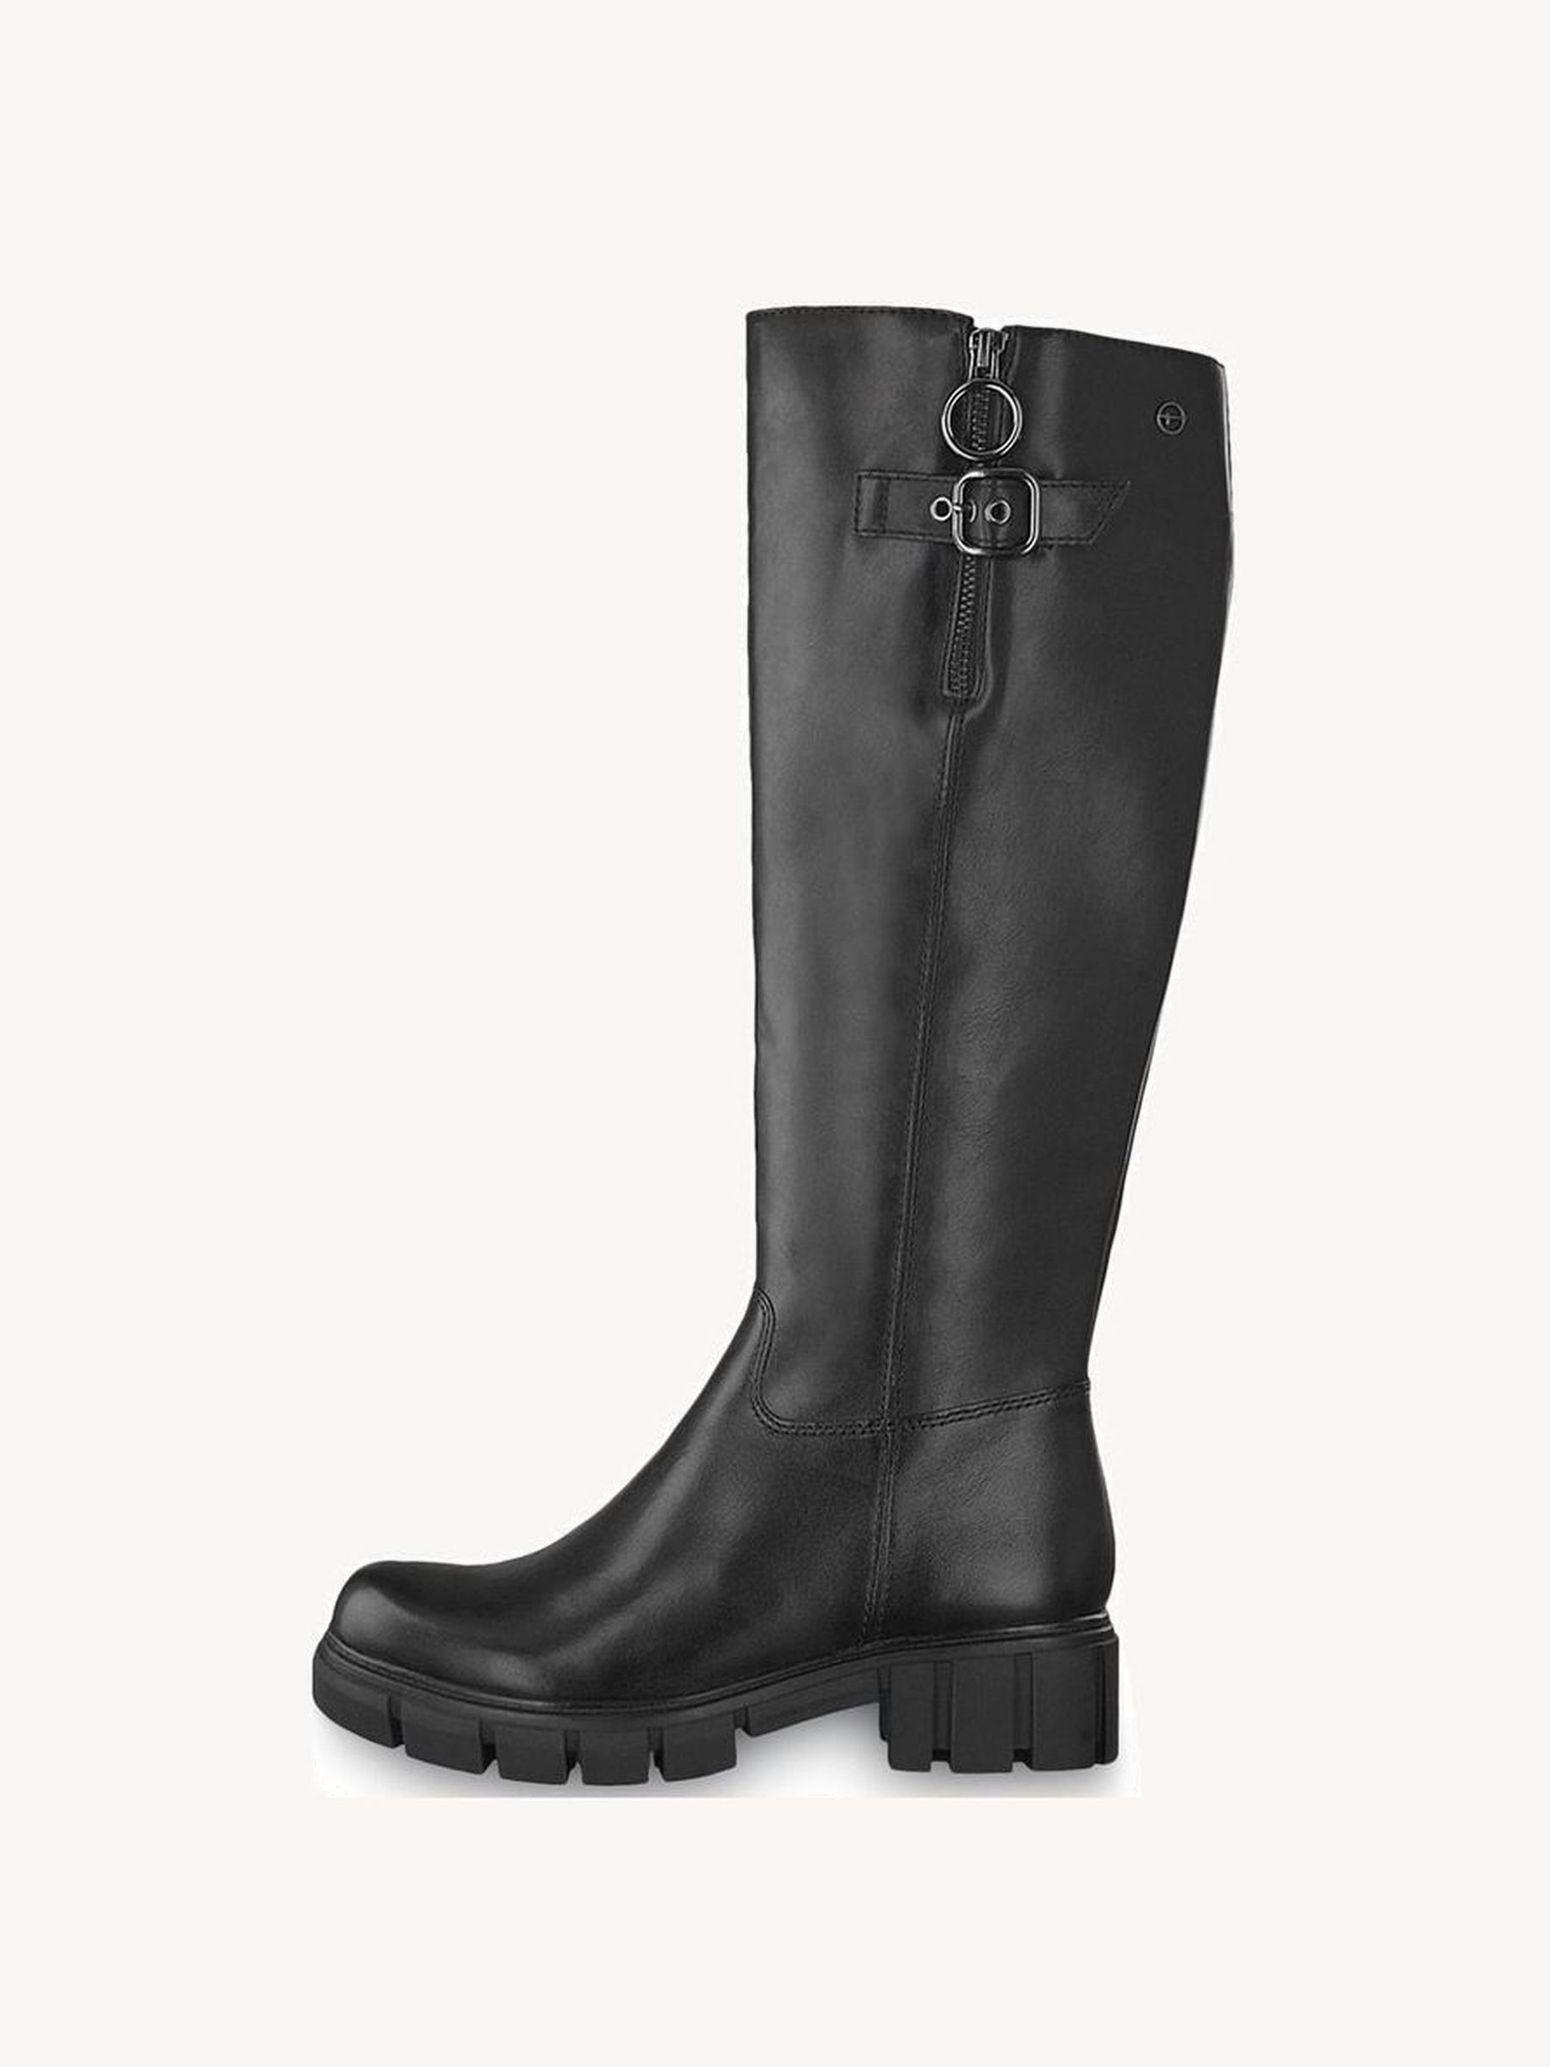 Stiefel Online Damenschuhe Damen Tamaris Kaufen Für qagqUCr